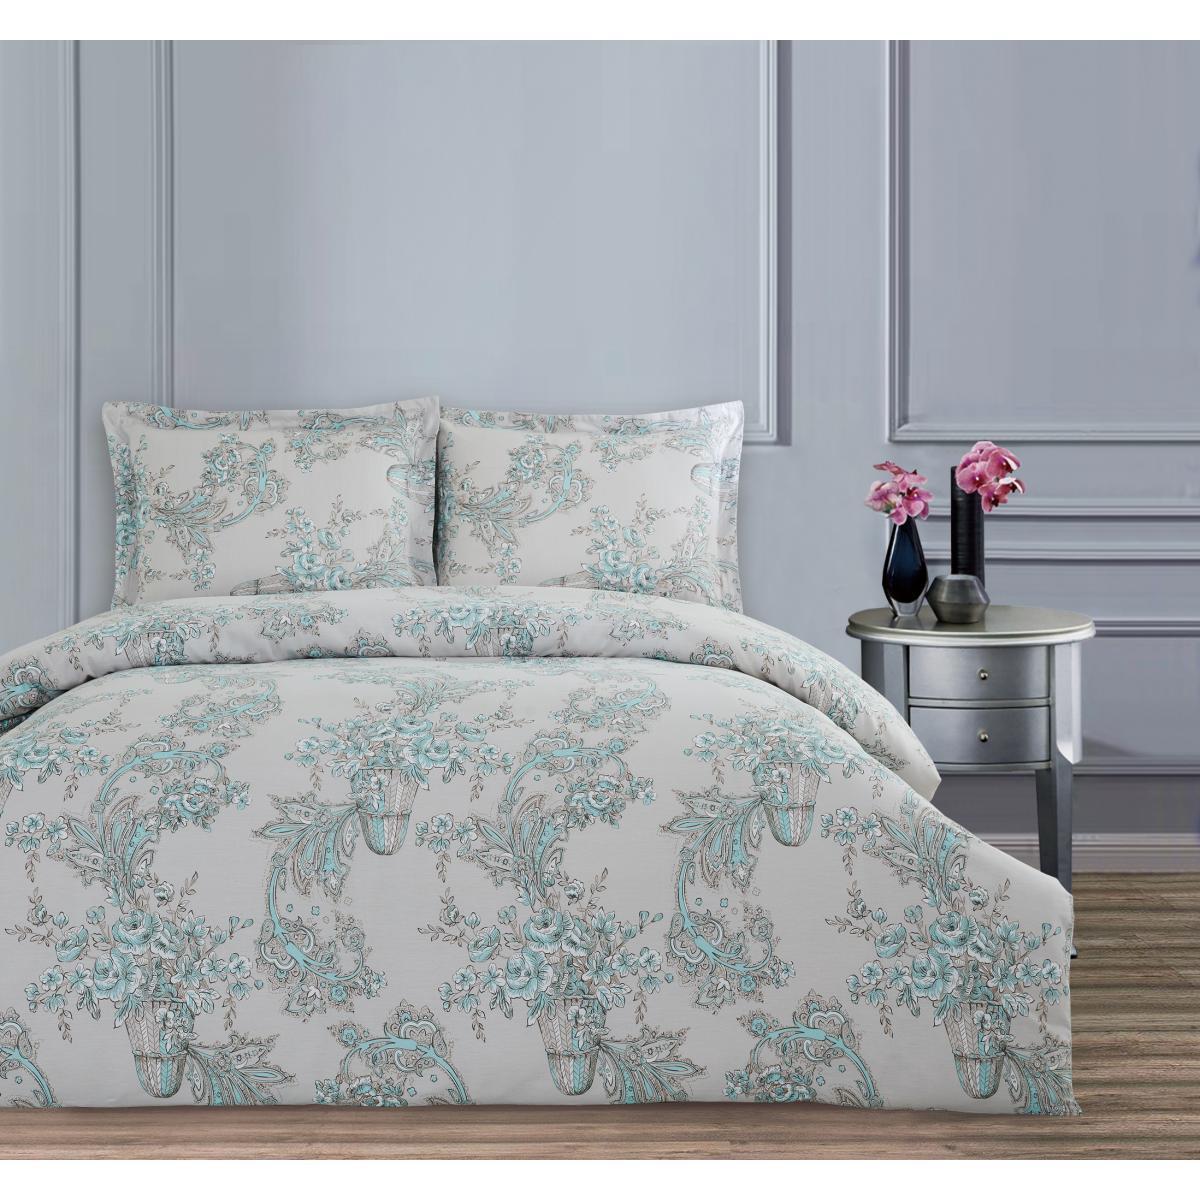 Комплект постельного белья Arya полуторный Simple Living Meyra 160х220 см. (A107018)